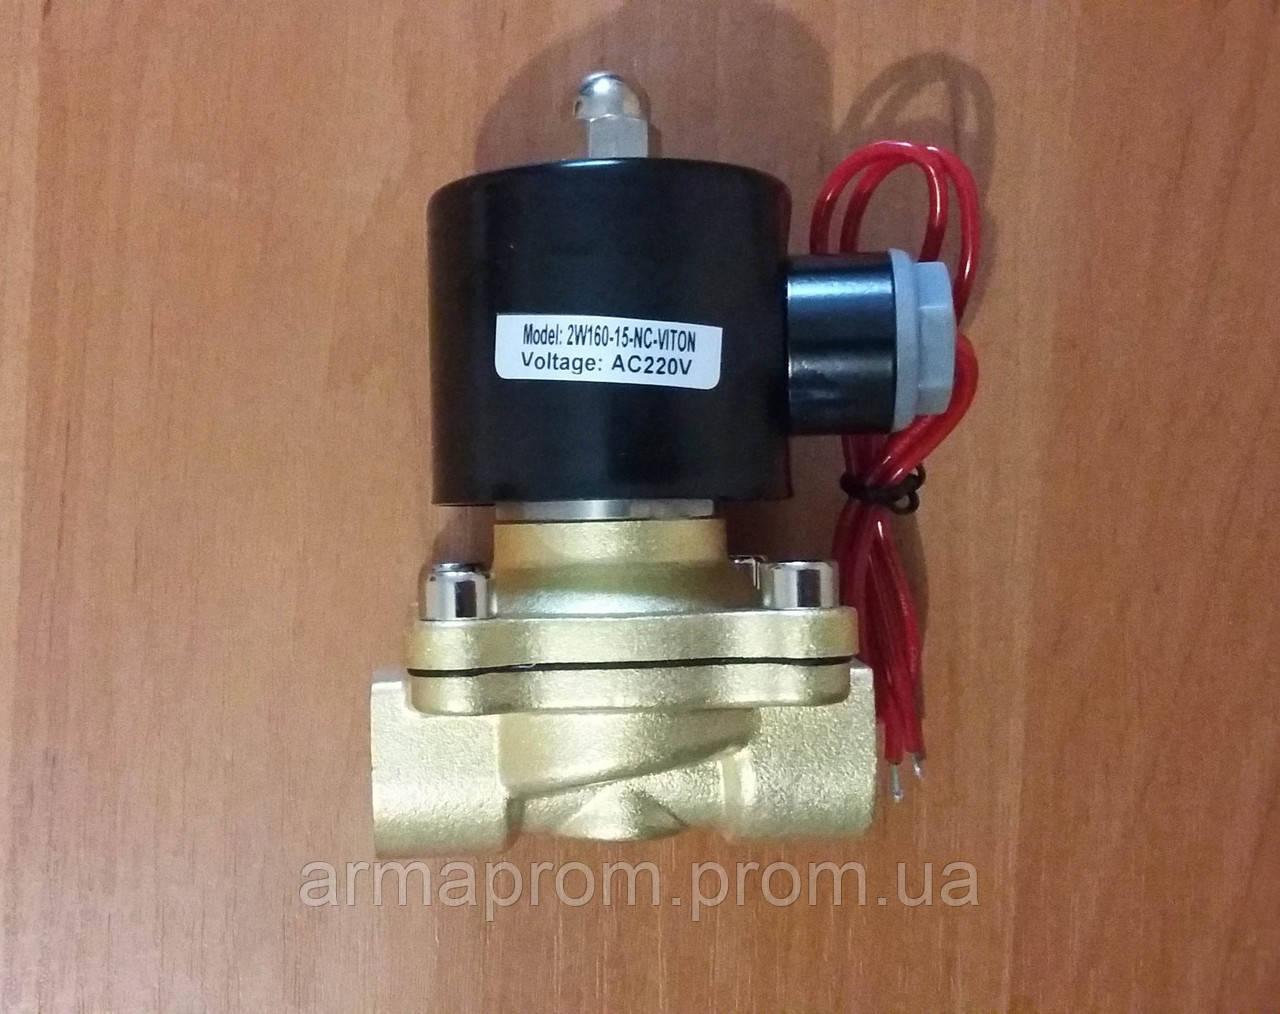 """Клапан Ду10 3/8"""" нормально закрытый соленоидный электромагнитный 12В, 24В, 220В - Армапром в Луцке"""